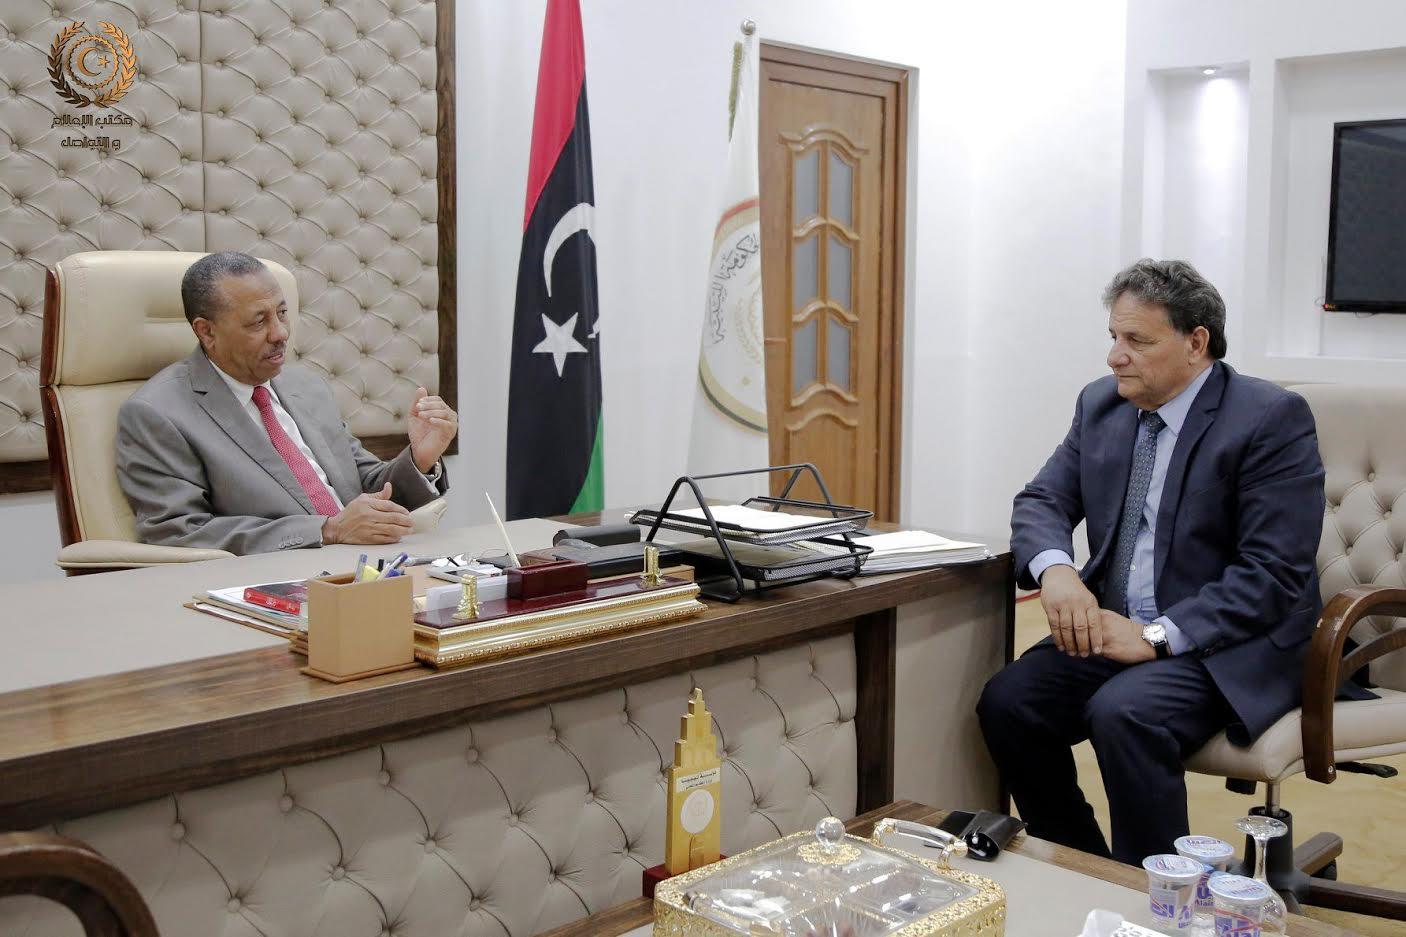 اجتماع رئيس الحكومة المؤقتة عبدالله الثني مع وزير الصحة سعد عقوب